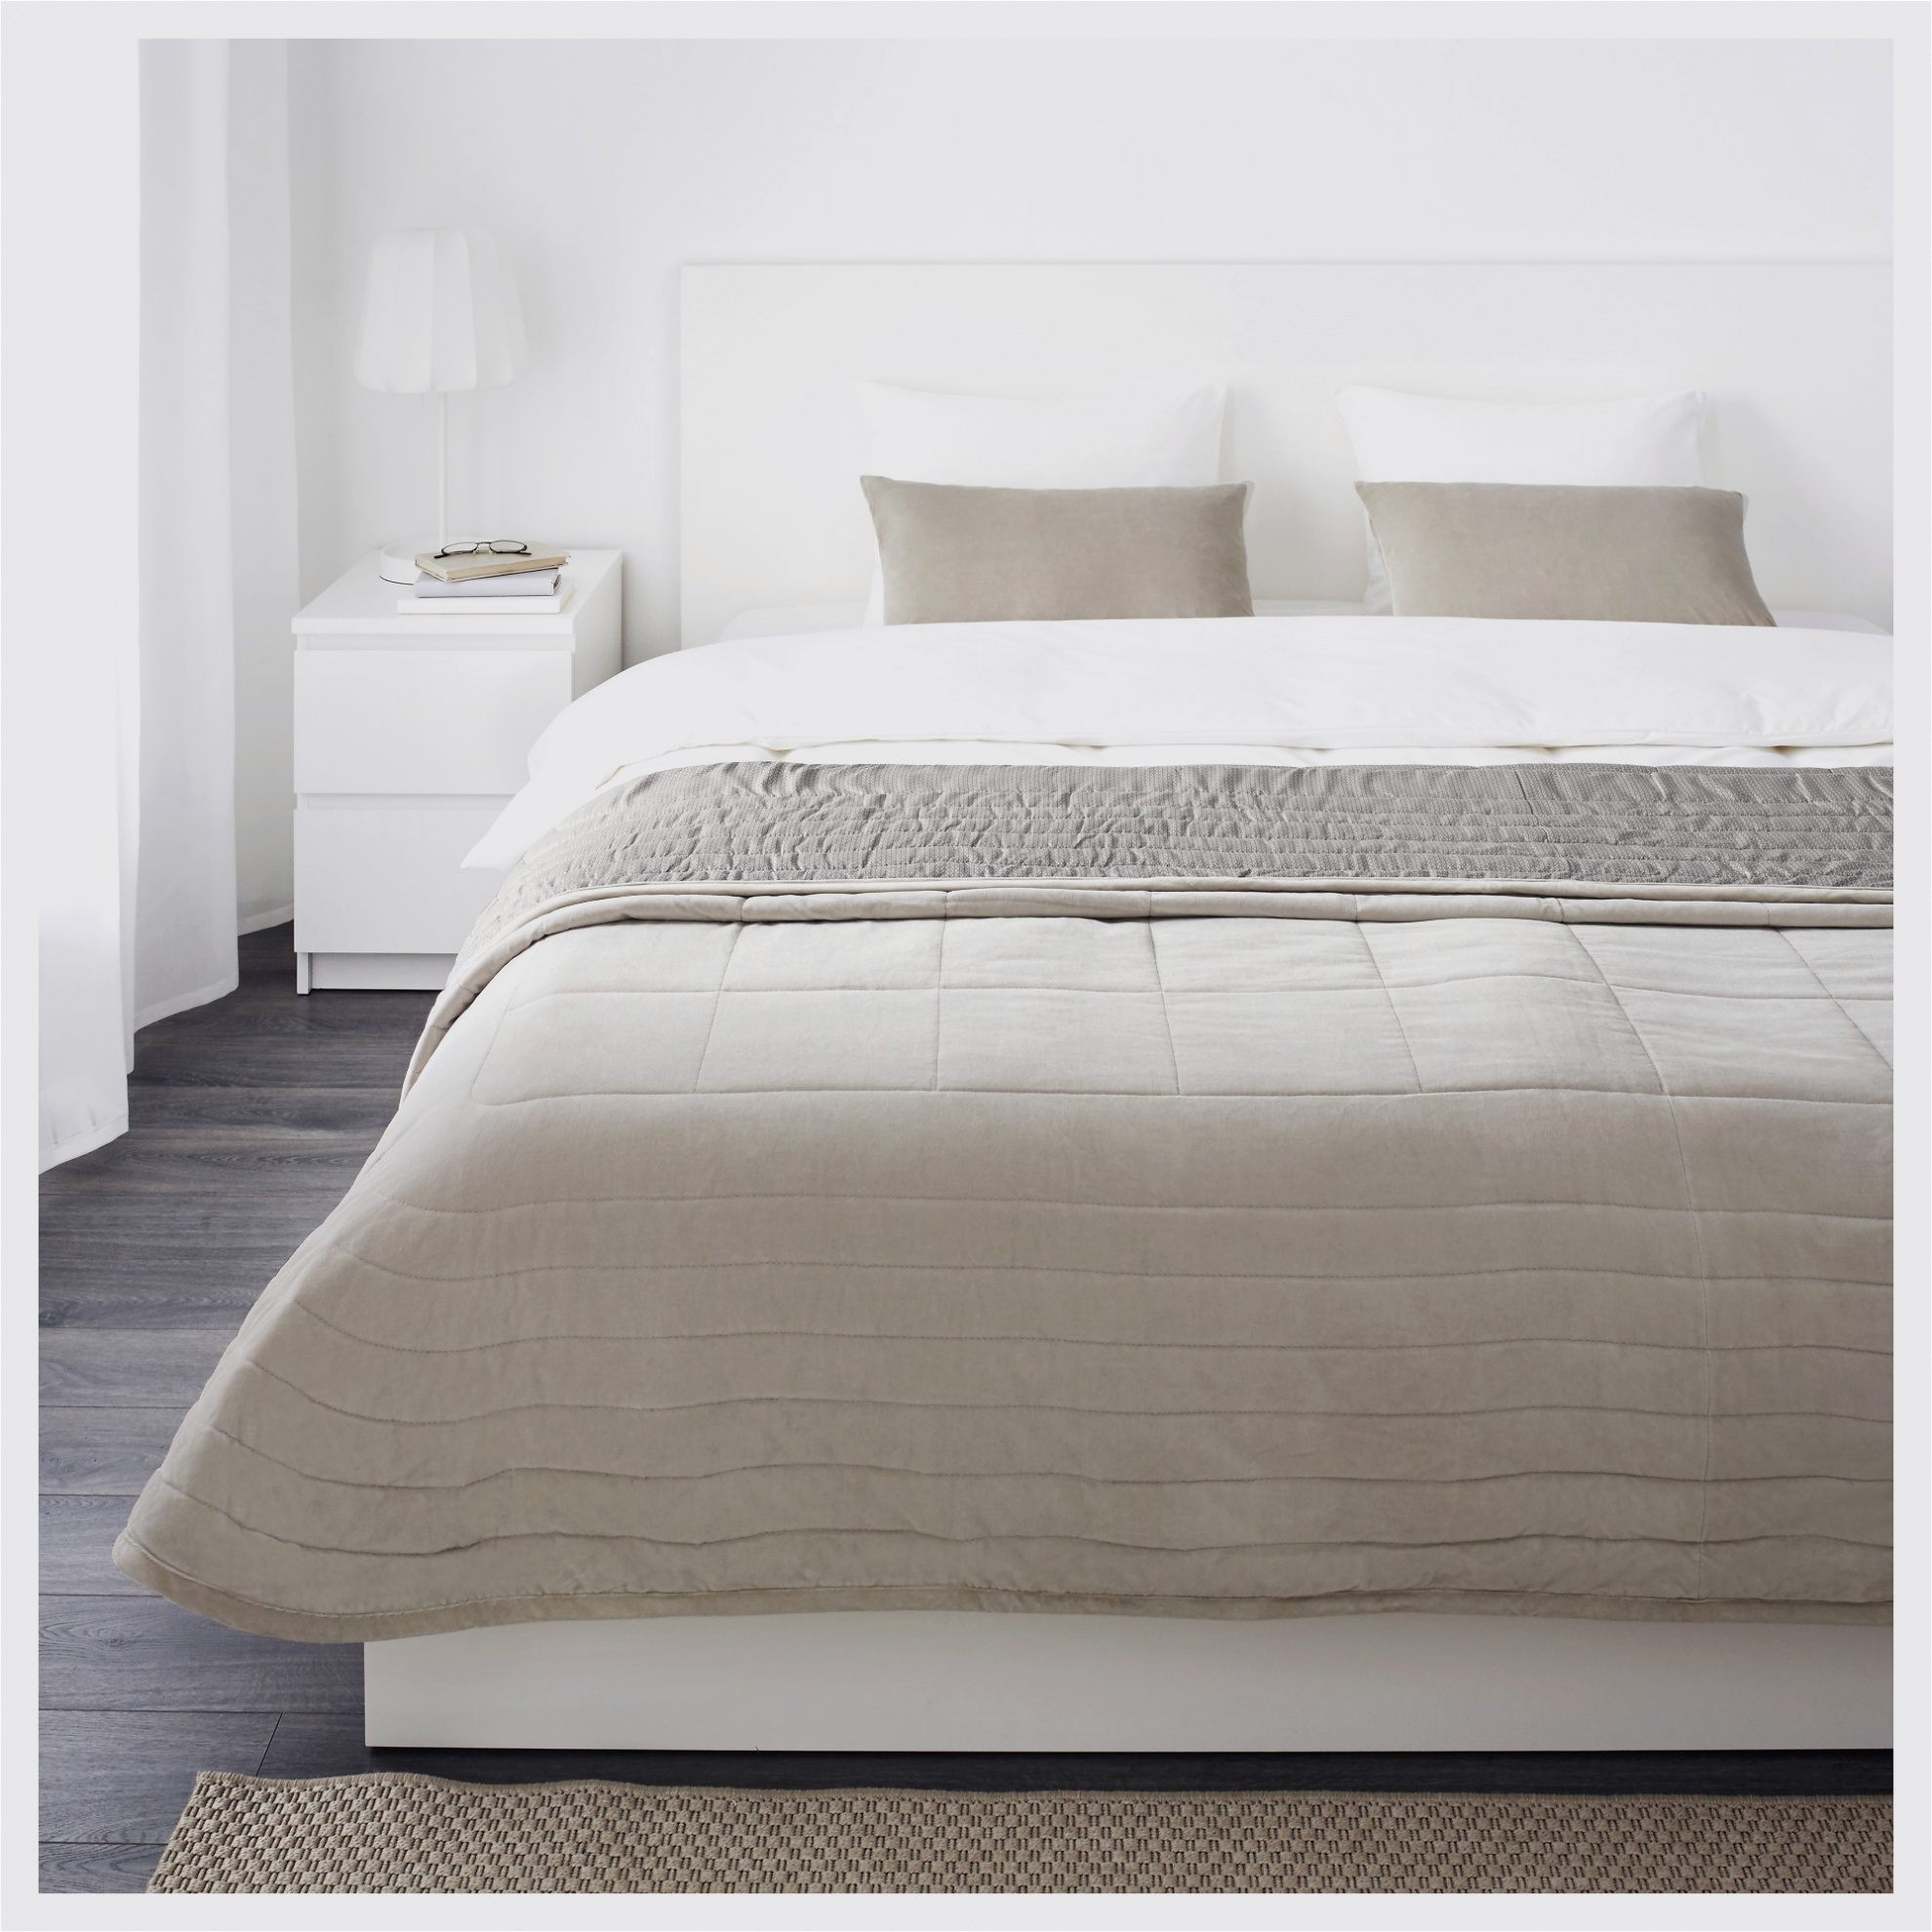 Etagere Tete De Lit Le Luxe sove Ikea Tete De Lit 140 — sovedis Aquatabs